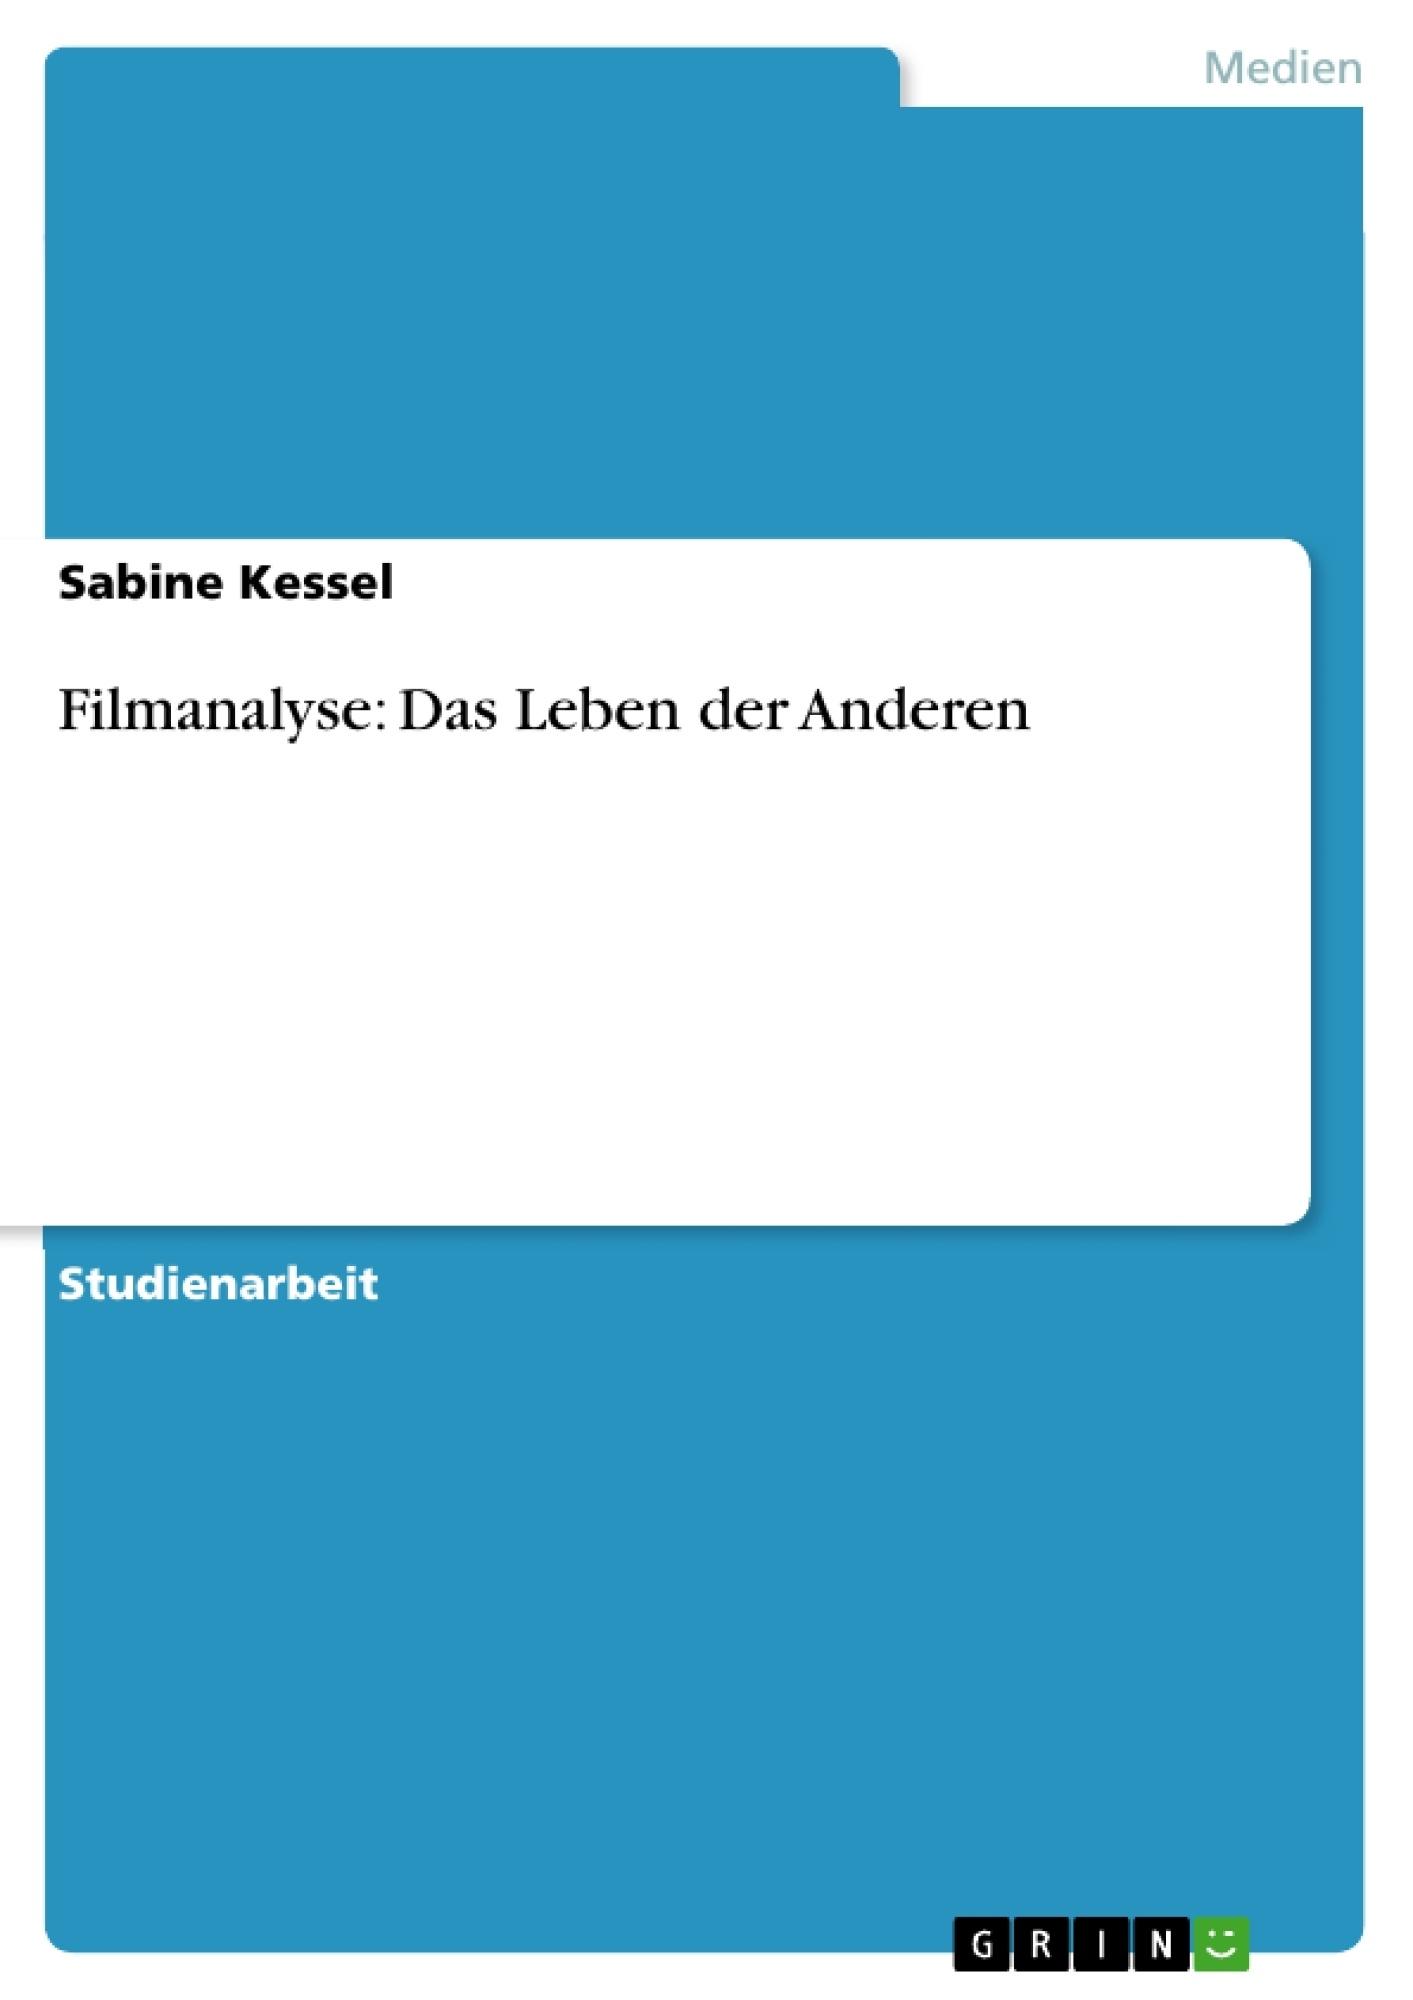 Titel: Filmanalyse: Das Leben der Anderen